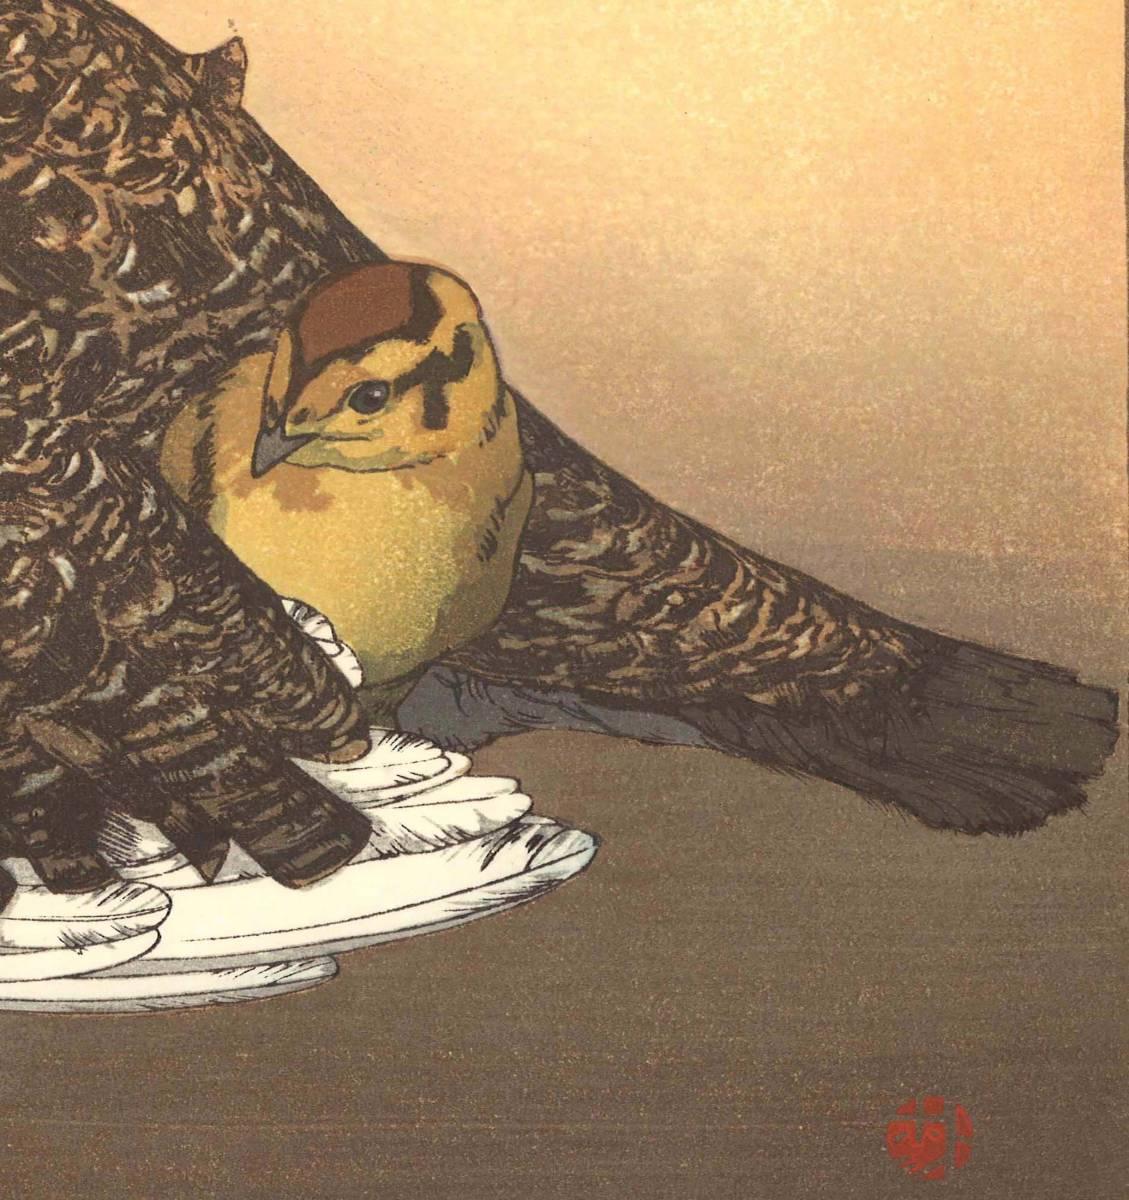 吉田遠志 木版画 013001 雷鳥 (Raicho) 初摺1930年 初期の頃の作品!!  最高峰の摺師の技をご堪能下さい!!_画像10